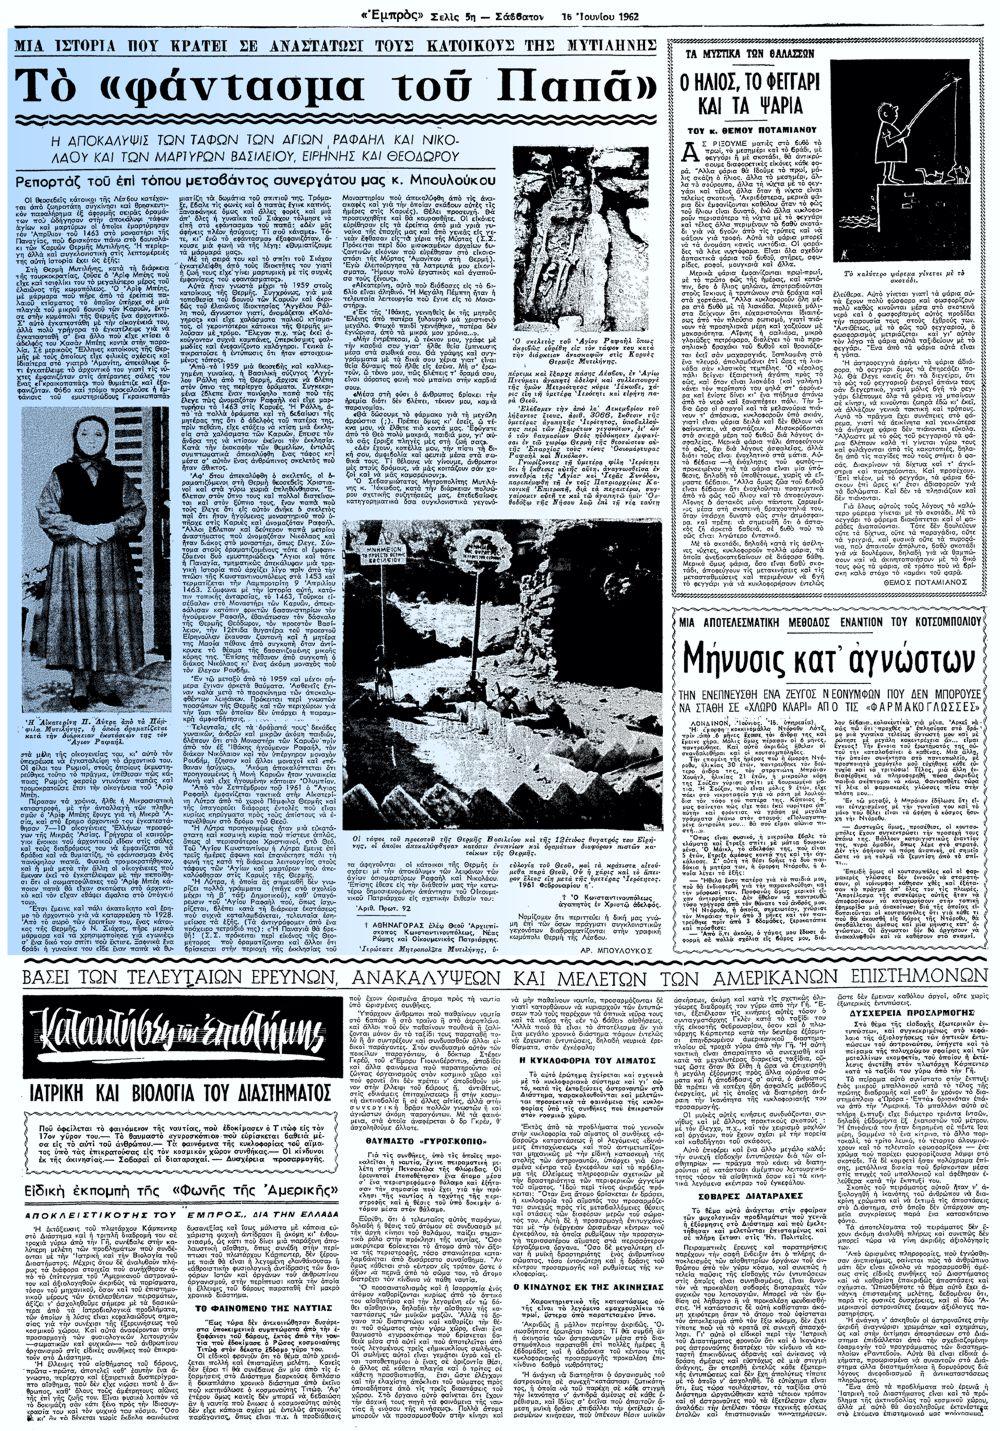 """Το άρθρο, όπως δημοσιεύθηκε στην εφημερίδα """"ΕΜΠΡΟΣ"""", στις 16/06/1962"""